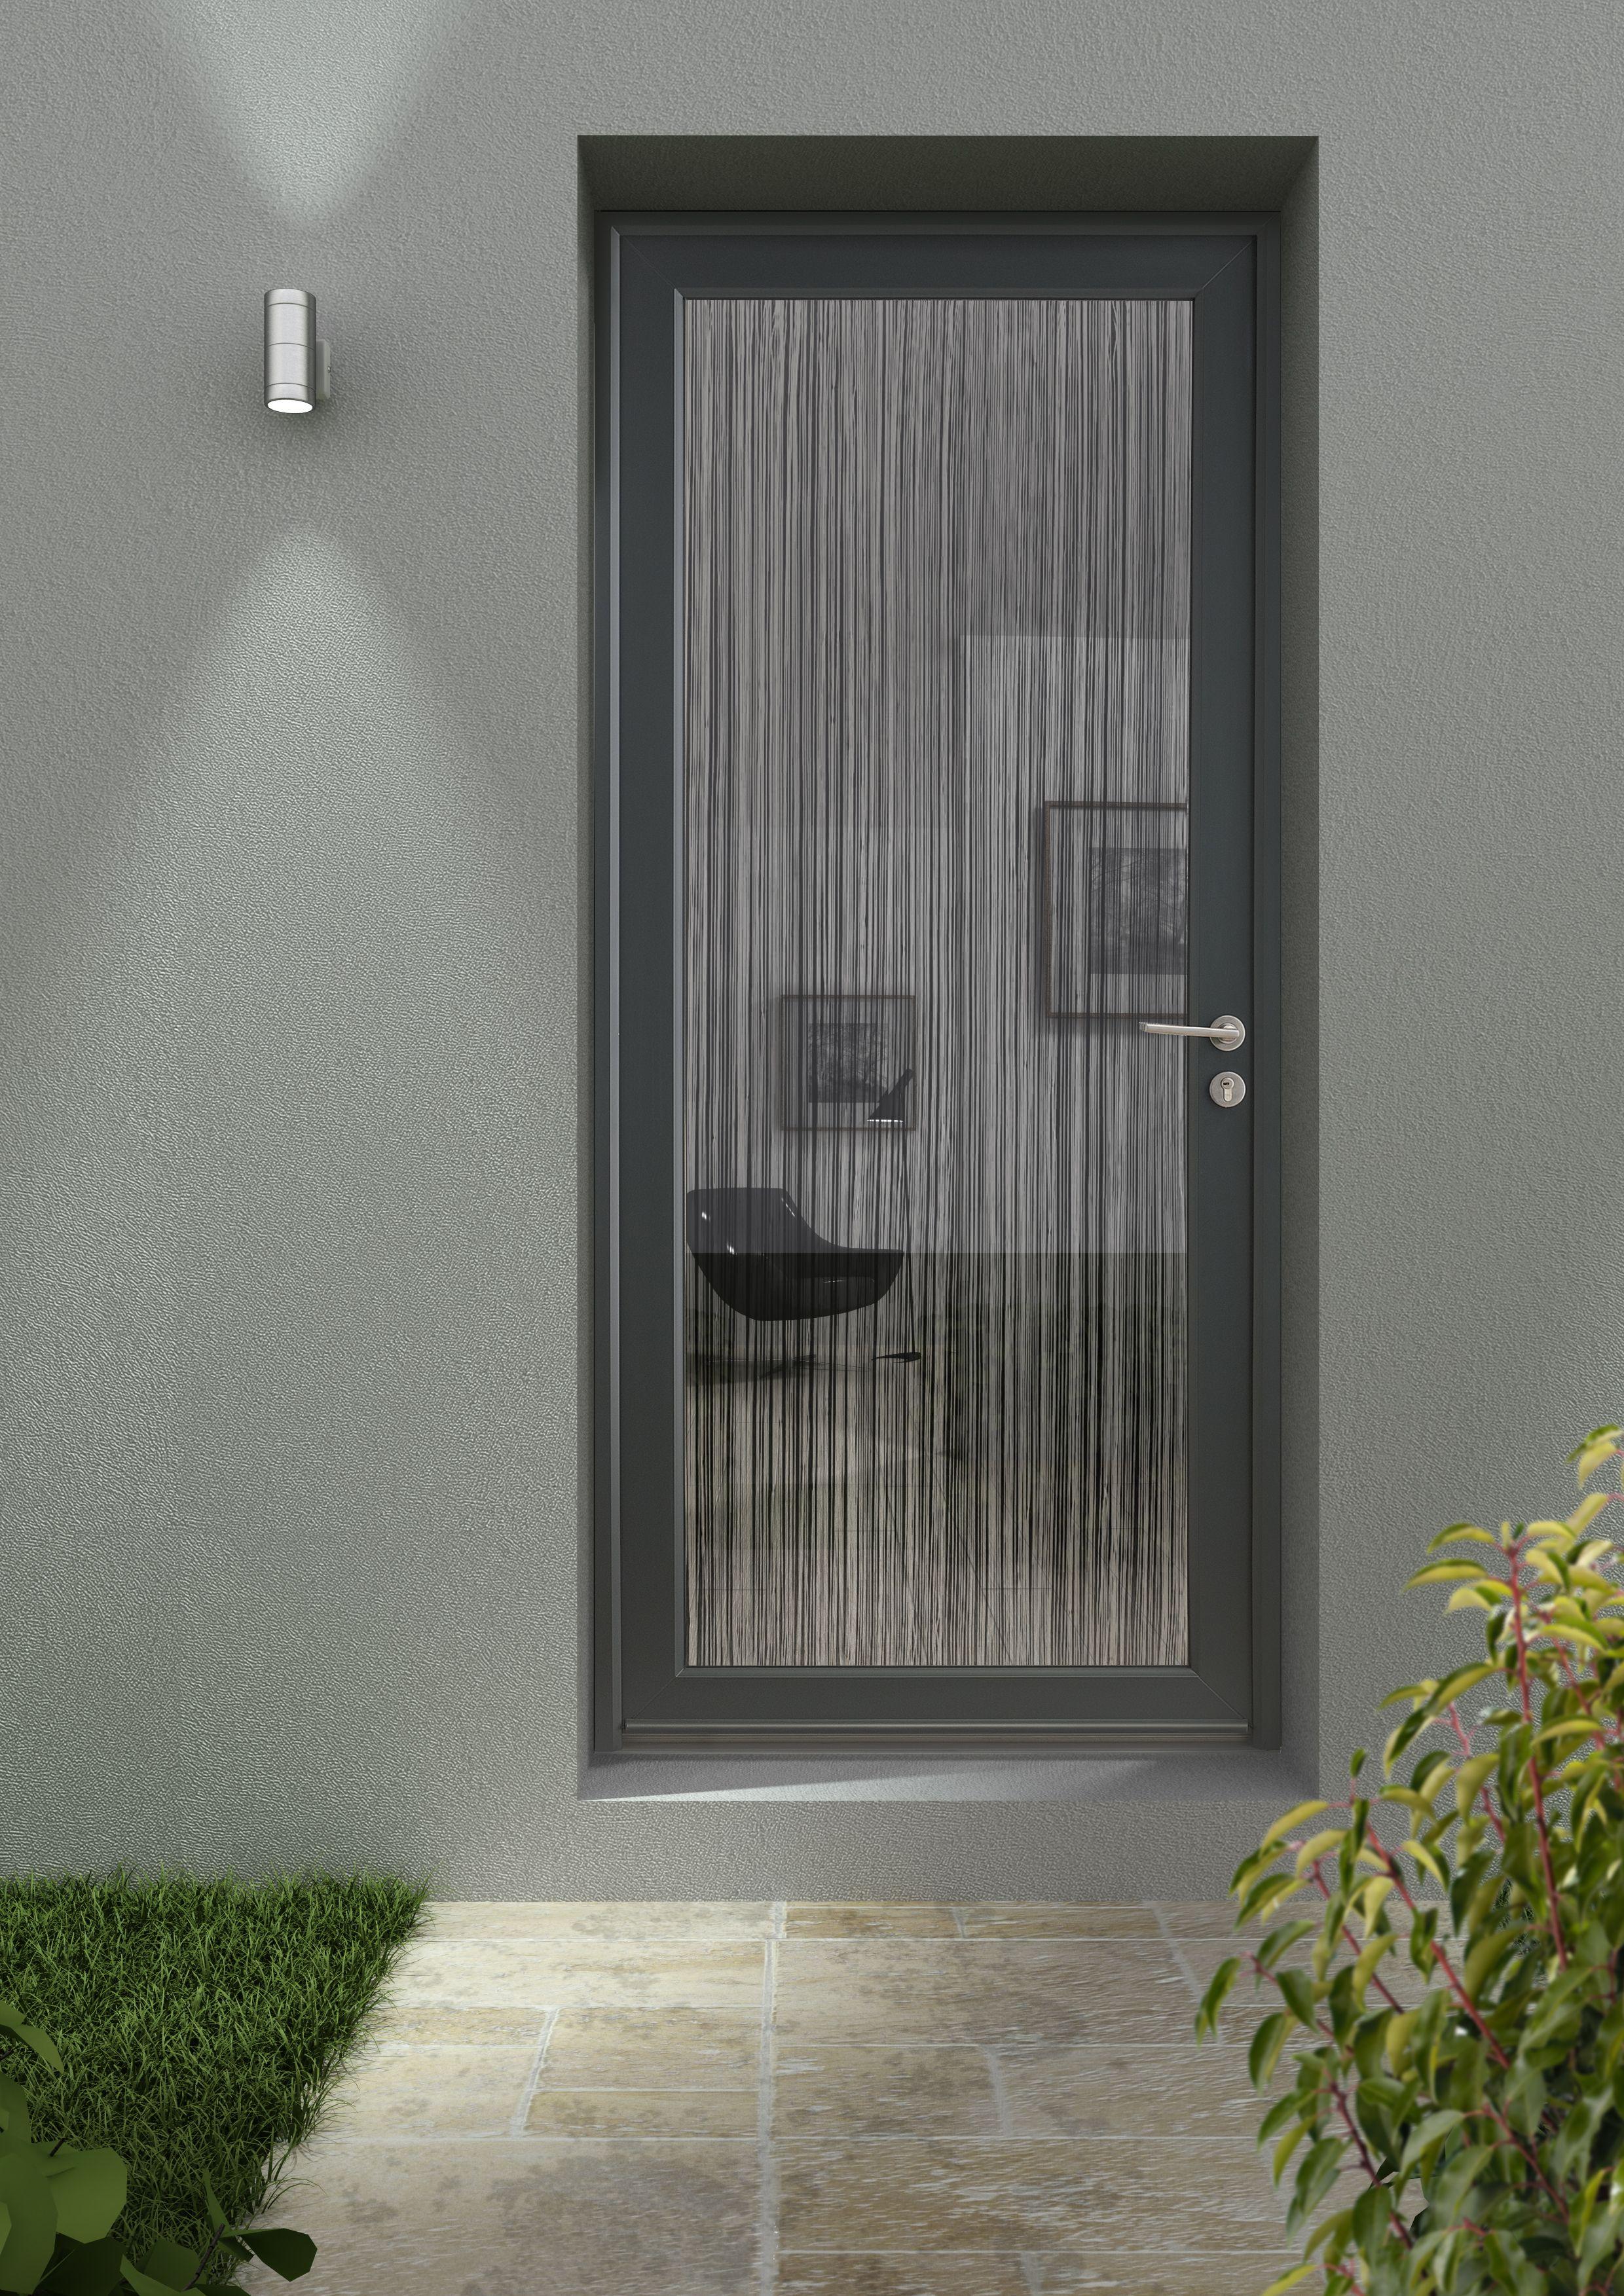 Porte D'Entrée De Créateur En Pvc, Type Rideau De Fil avec Rideau De Porte Exterieur